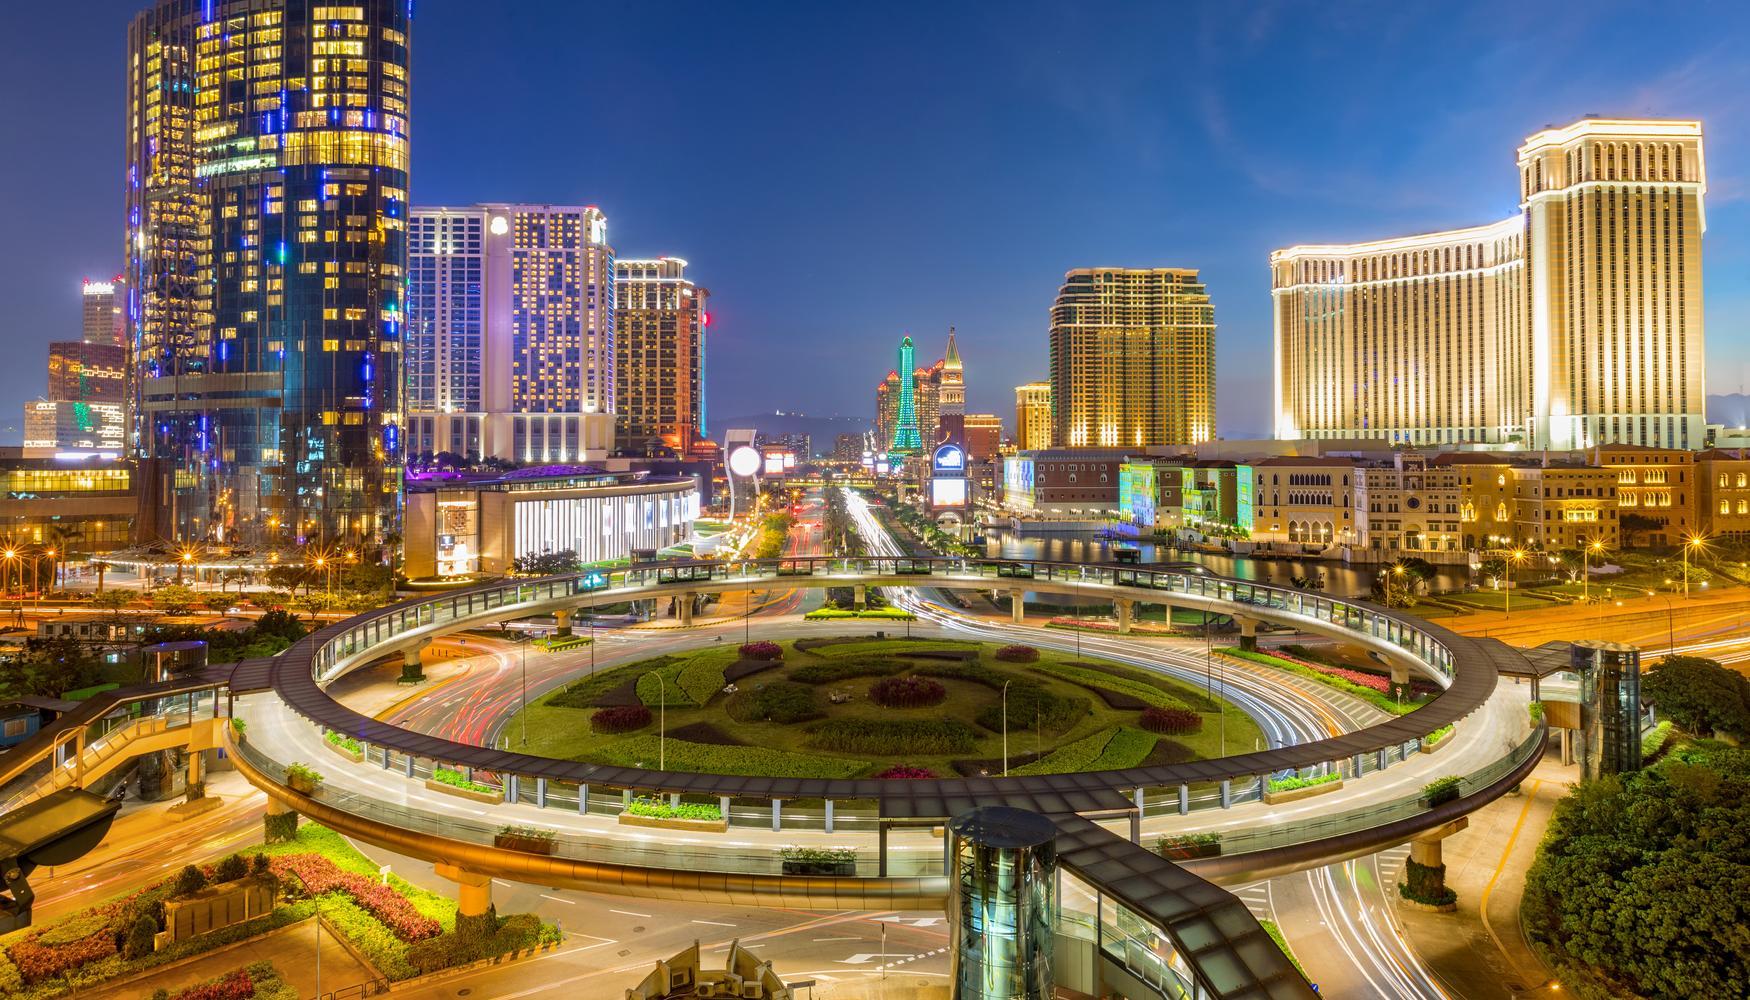 השכרת רכב בנמל התעופה Macau